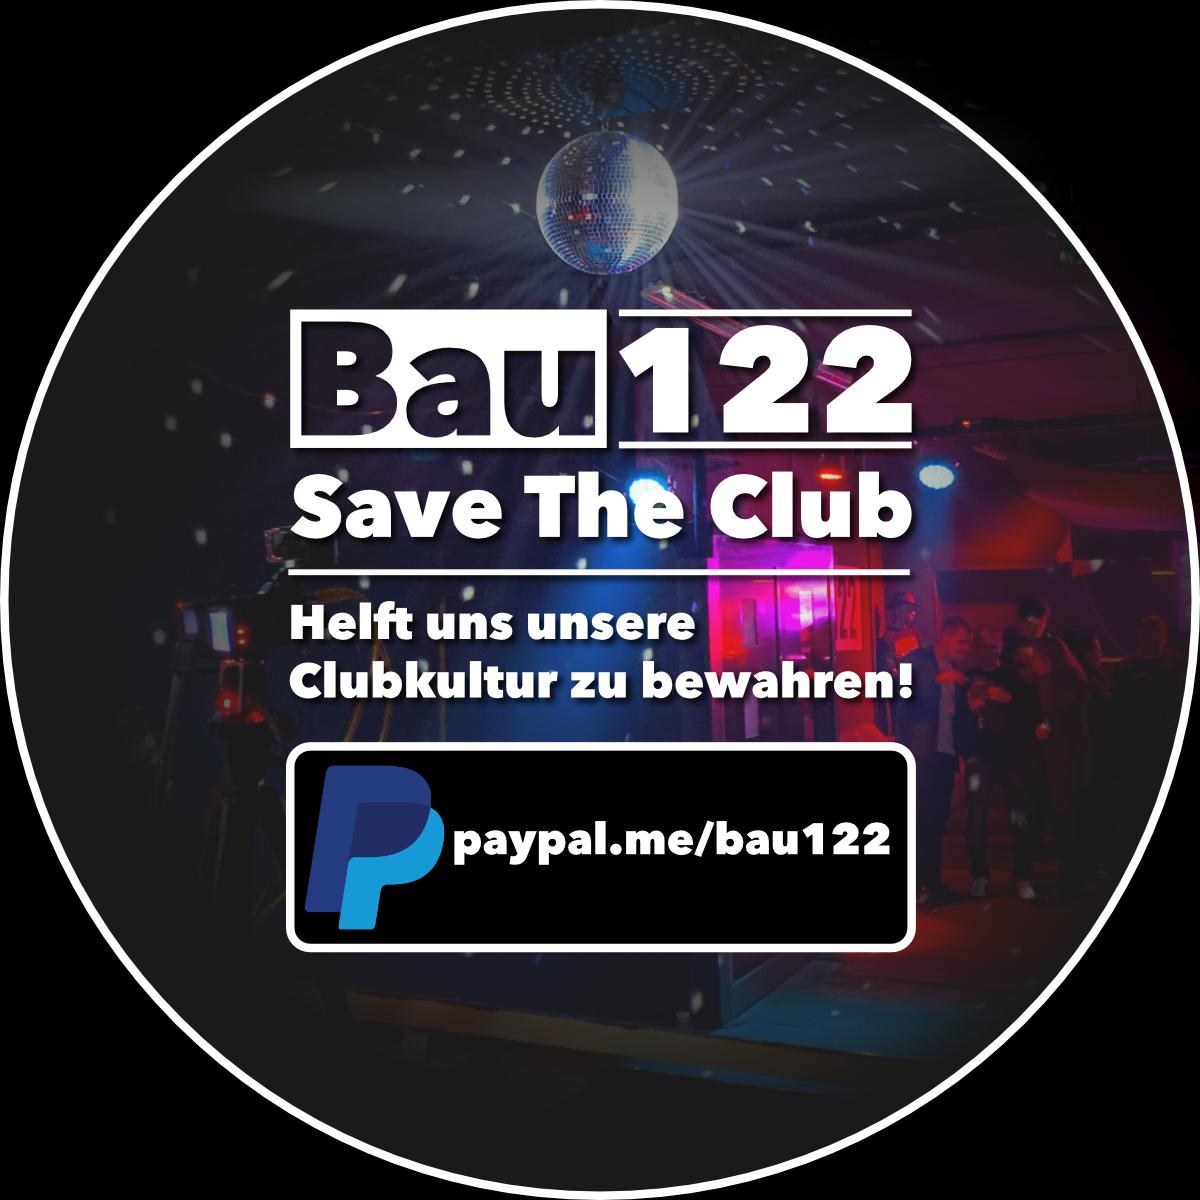 Save Bau122